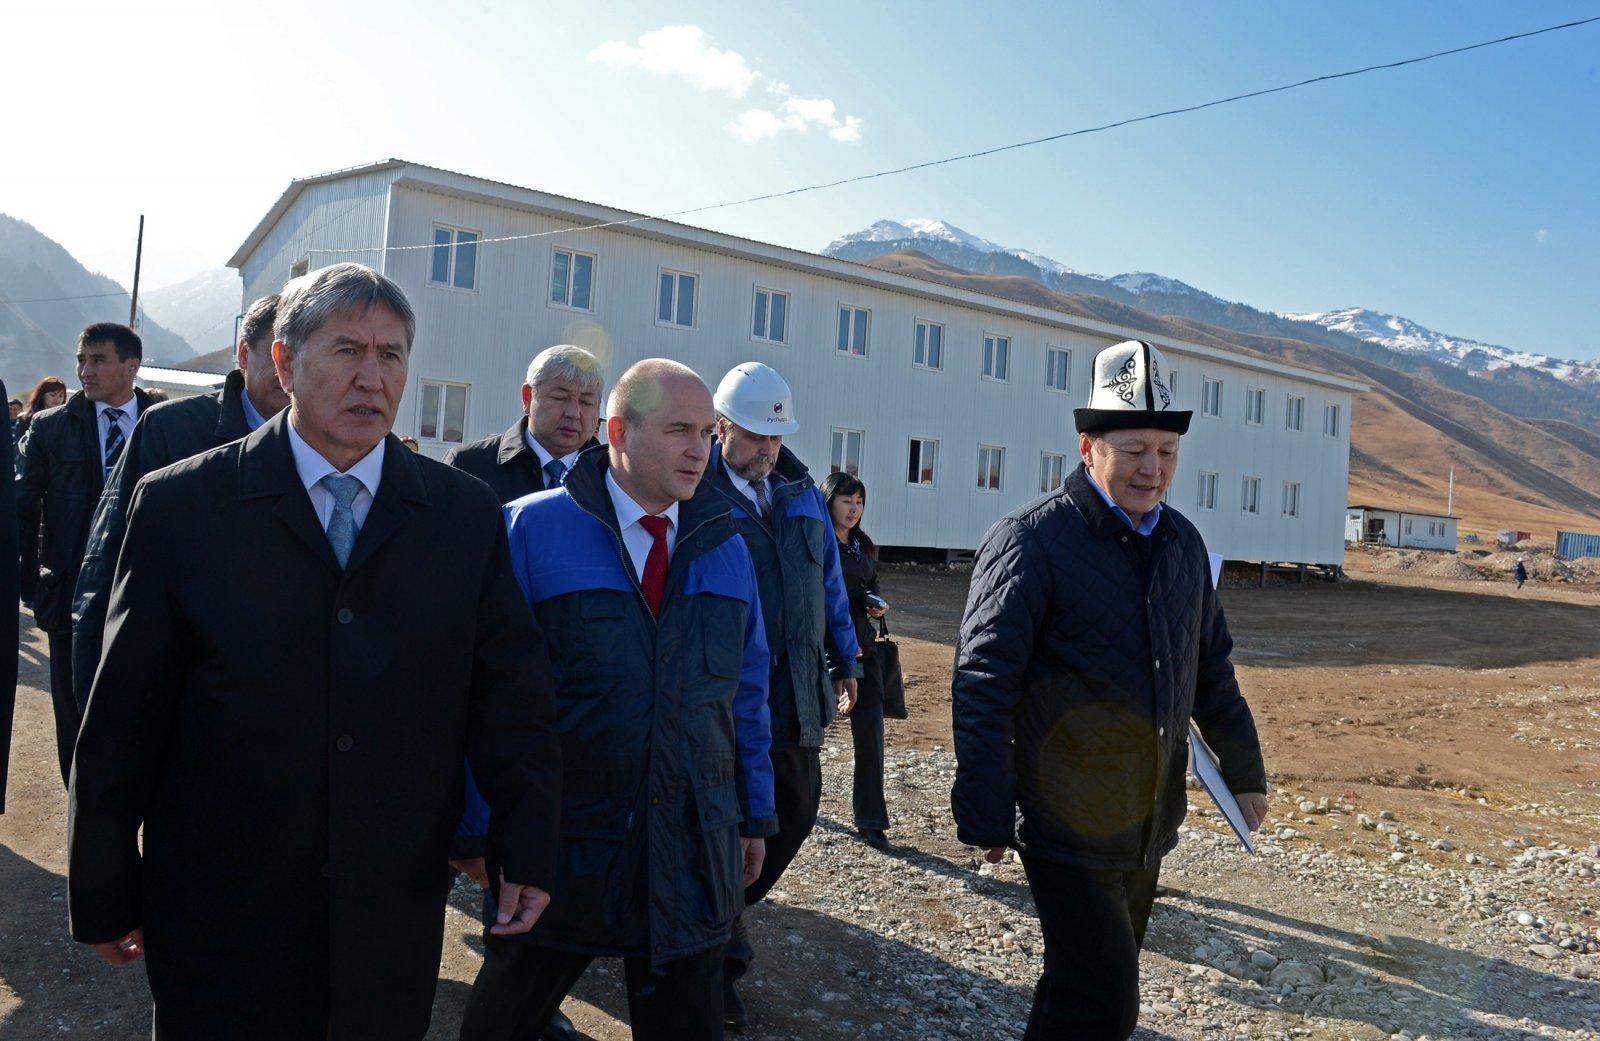 Президент Кыргызстана Алмазбек Атамбаев на встрече с руководством ЗАО «Верхне-Нарынские ГЭС» в октябре 2013 года. «Всего за три месяца на пустом месте был построен поселок со всей необходимой инфраструктурой. Это самый быстро реализуемый российский проект на территории республики», – отметил тогда Атамбаев.